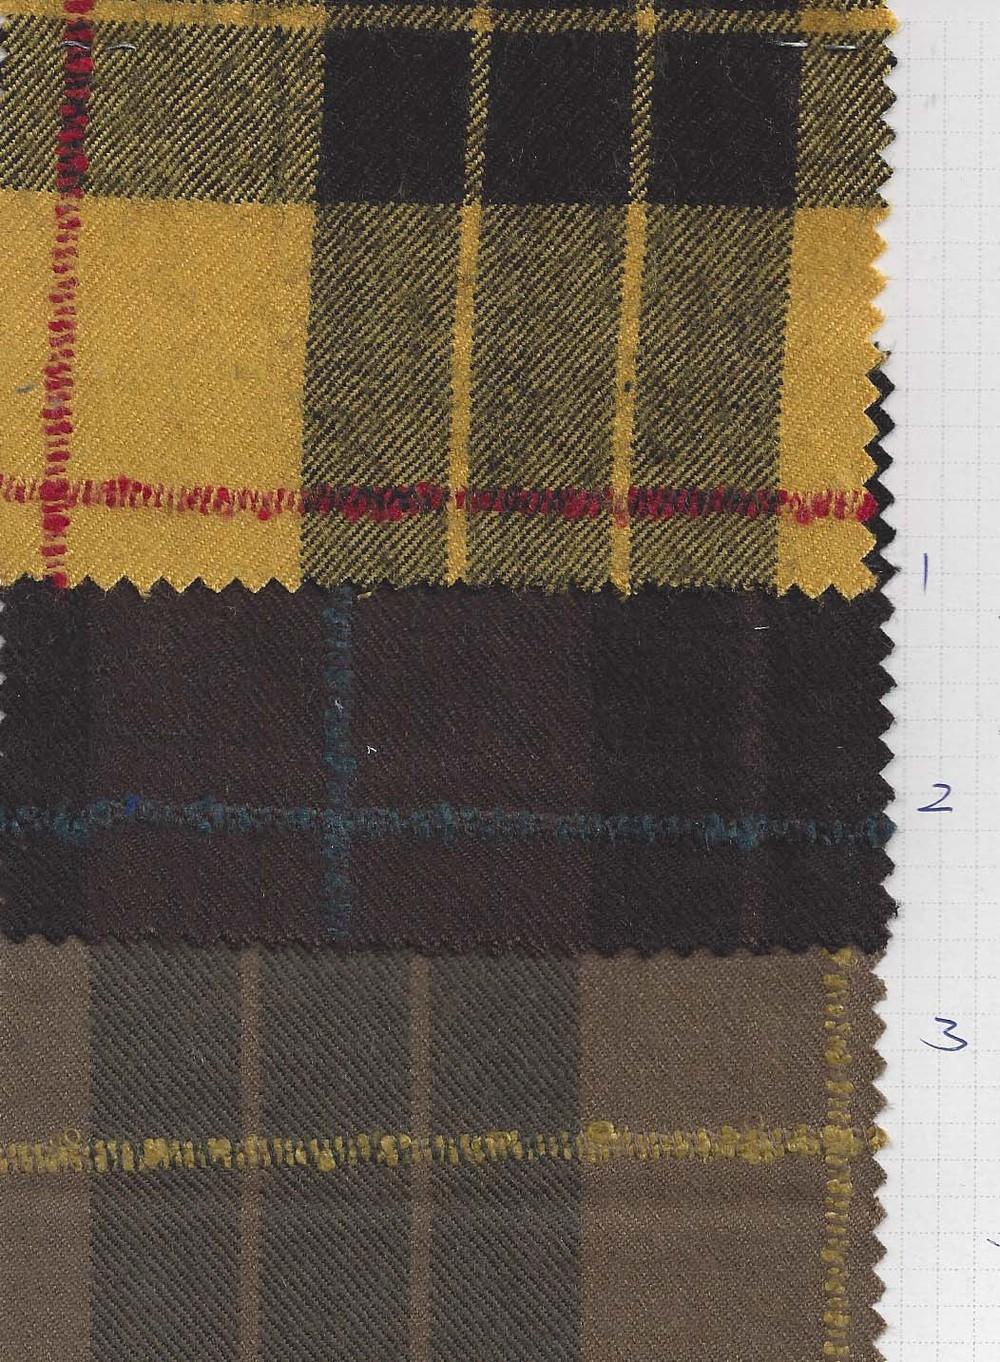 Da Shan Textile 8068.jpg